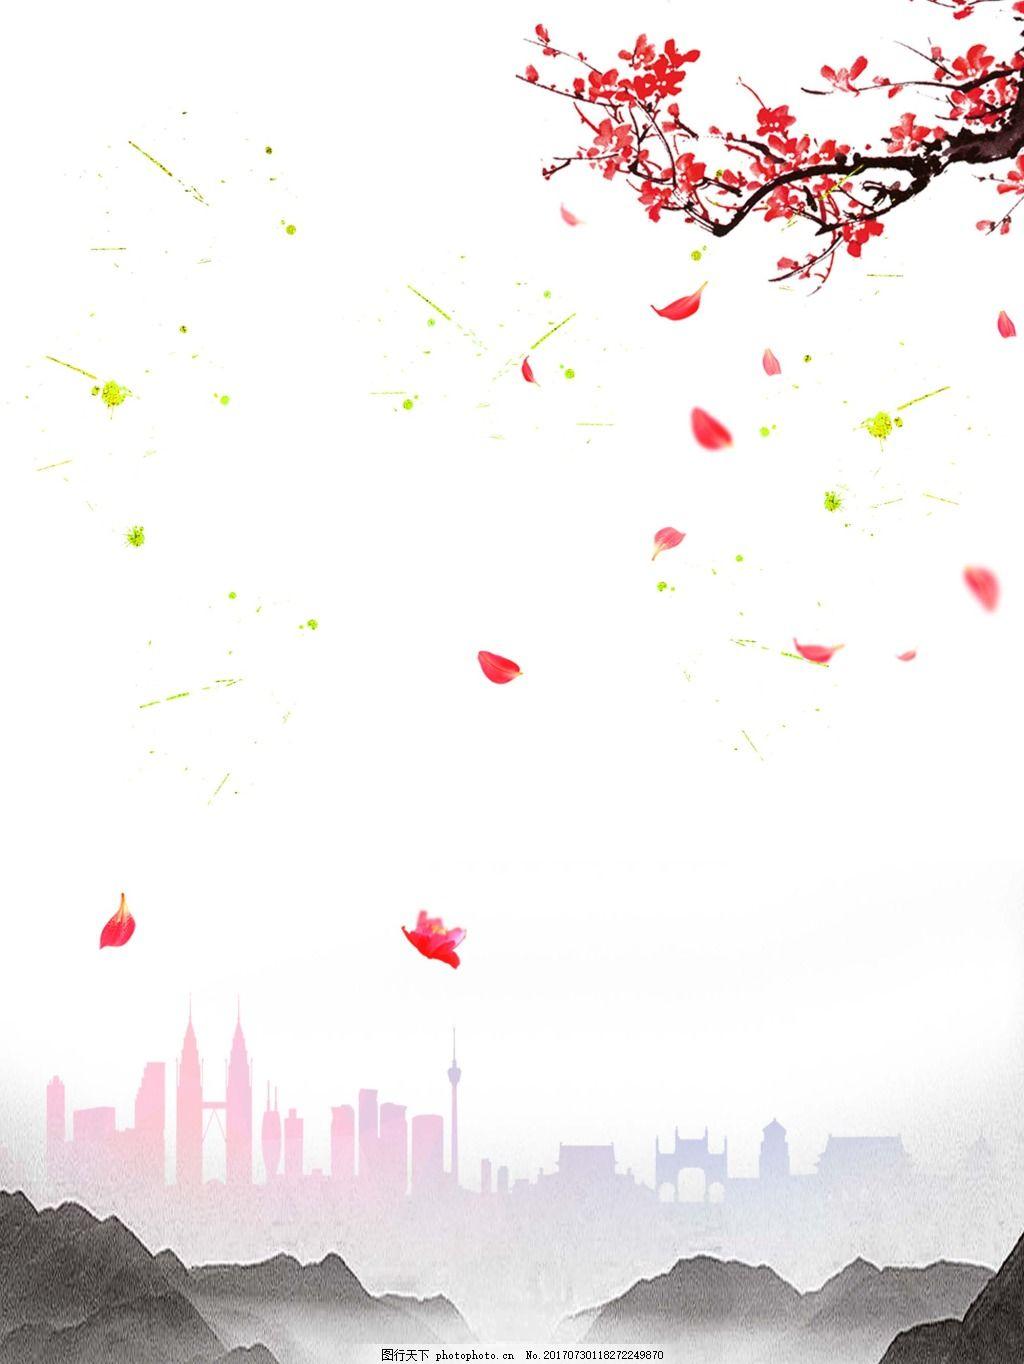 中国风水墨梅花背景 山水 城市 建筑 枫叶 红色